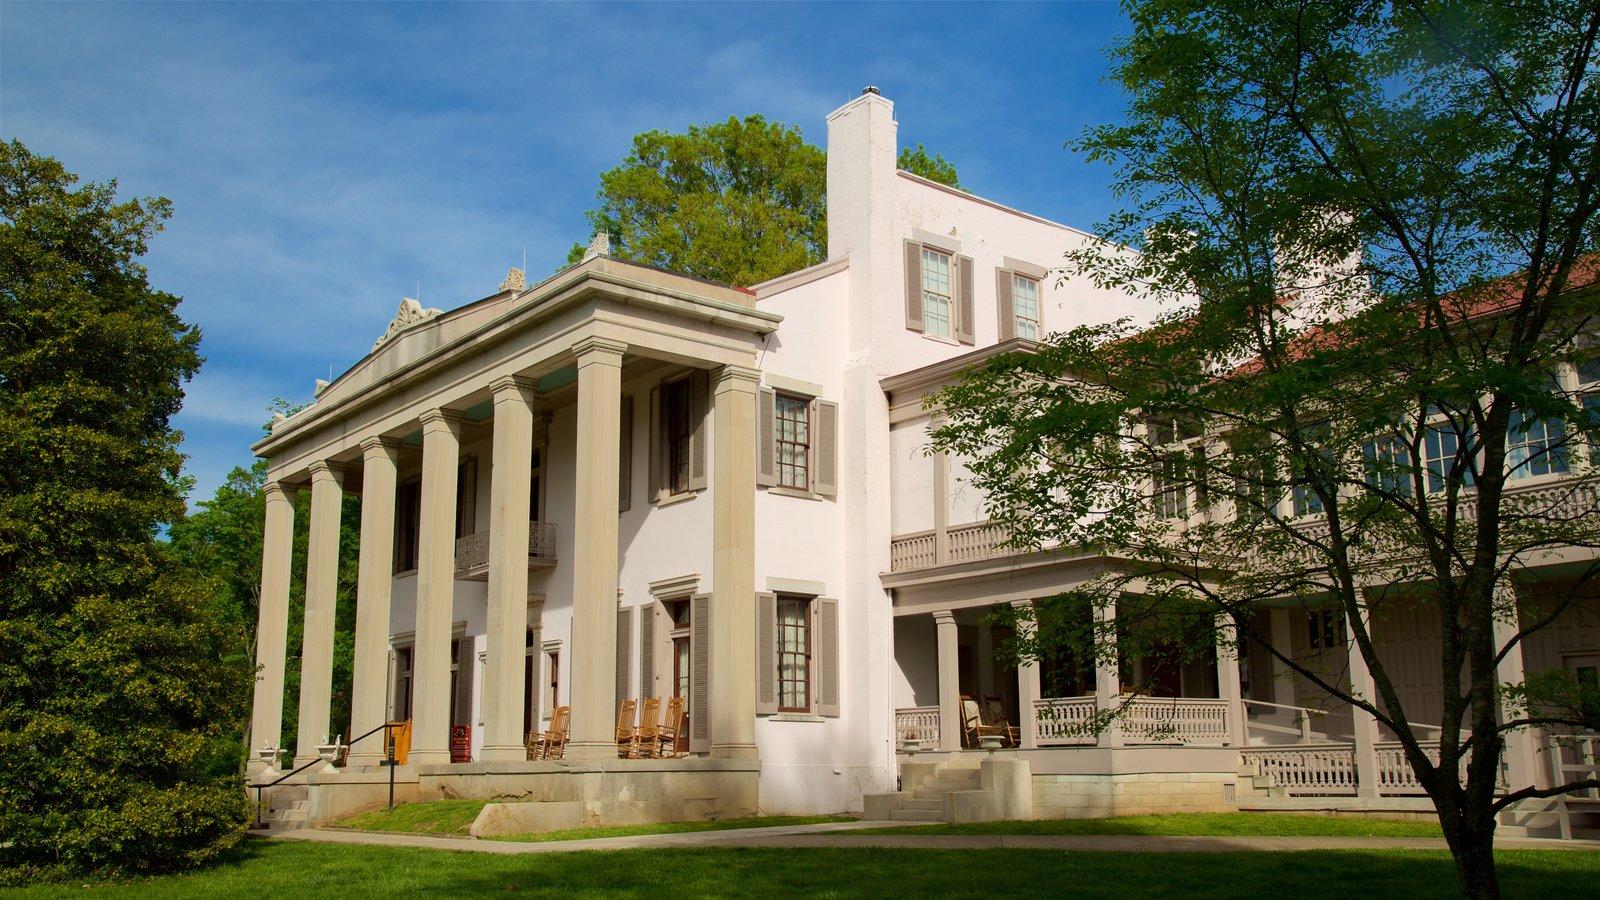 Belle Meade Plantation que incluye elementos del patrimonio y una casa